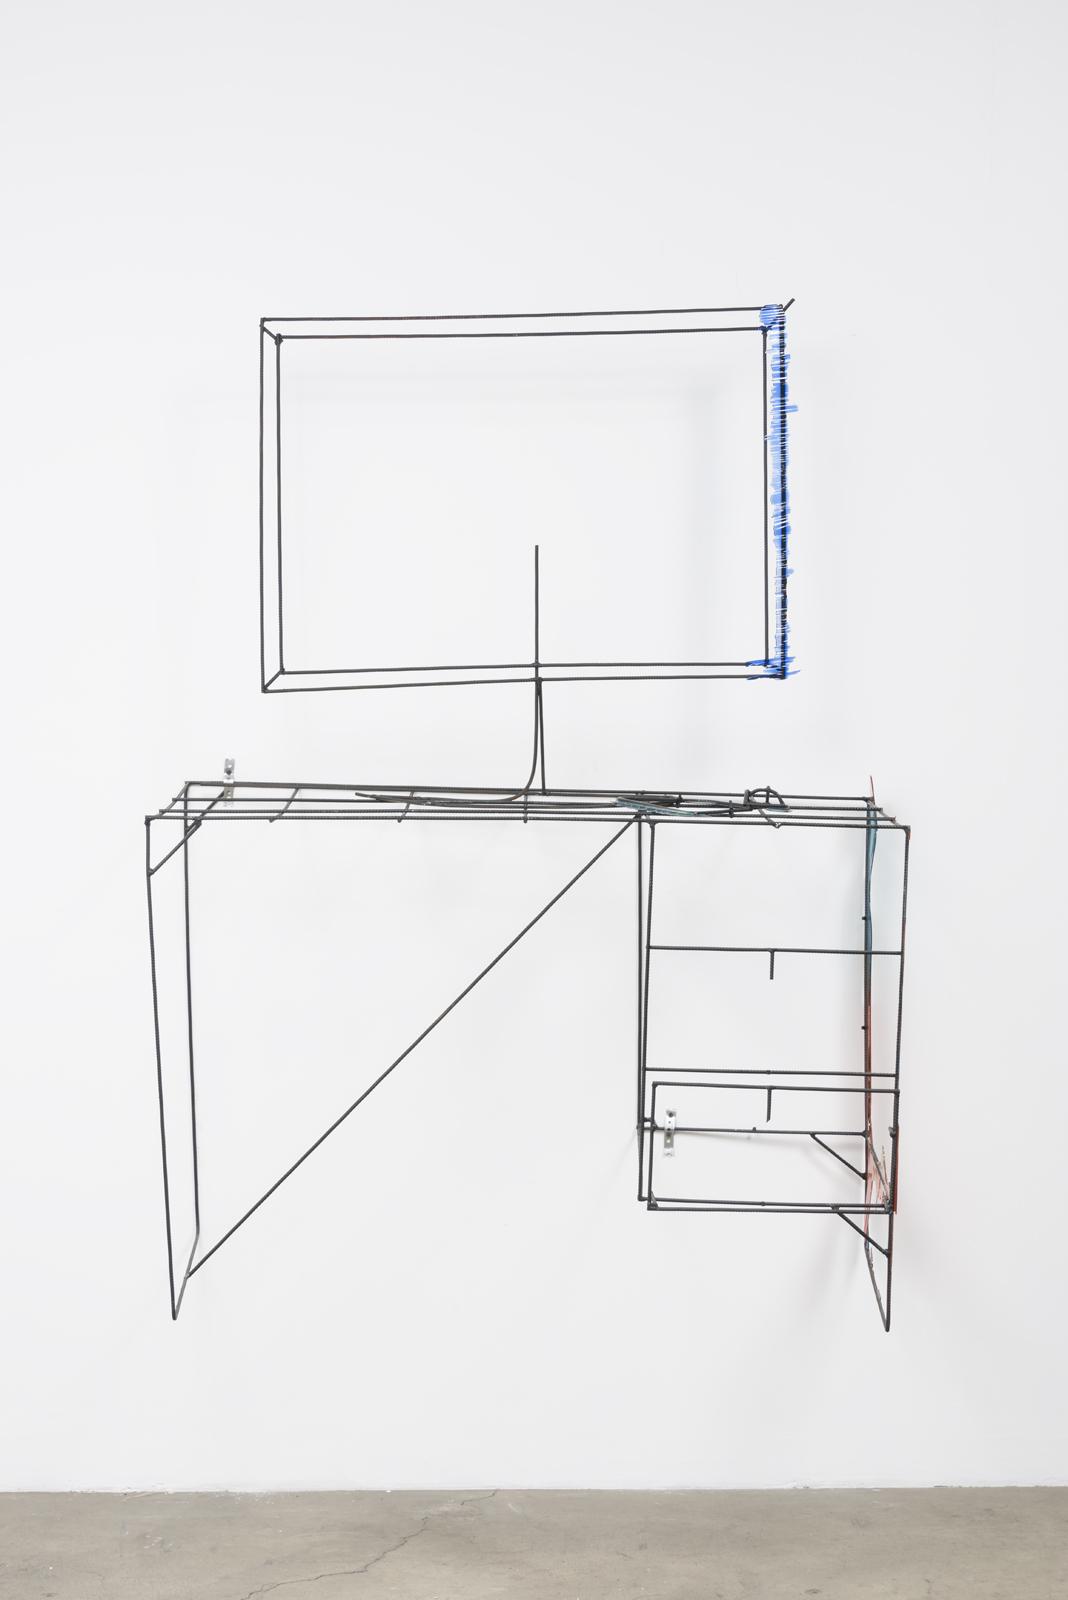 Neil Beloufa, Untitled, 2016 (16.141)